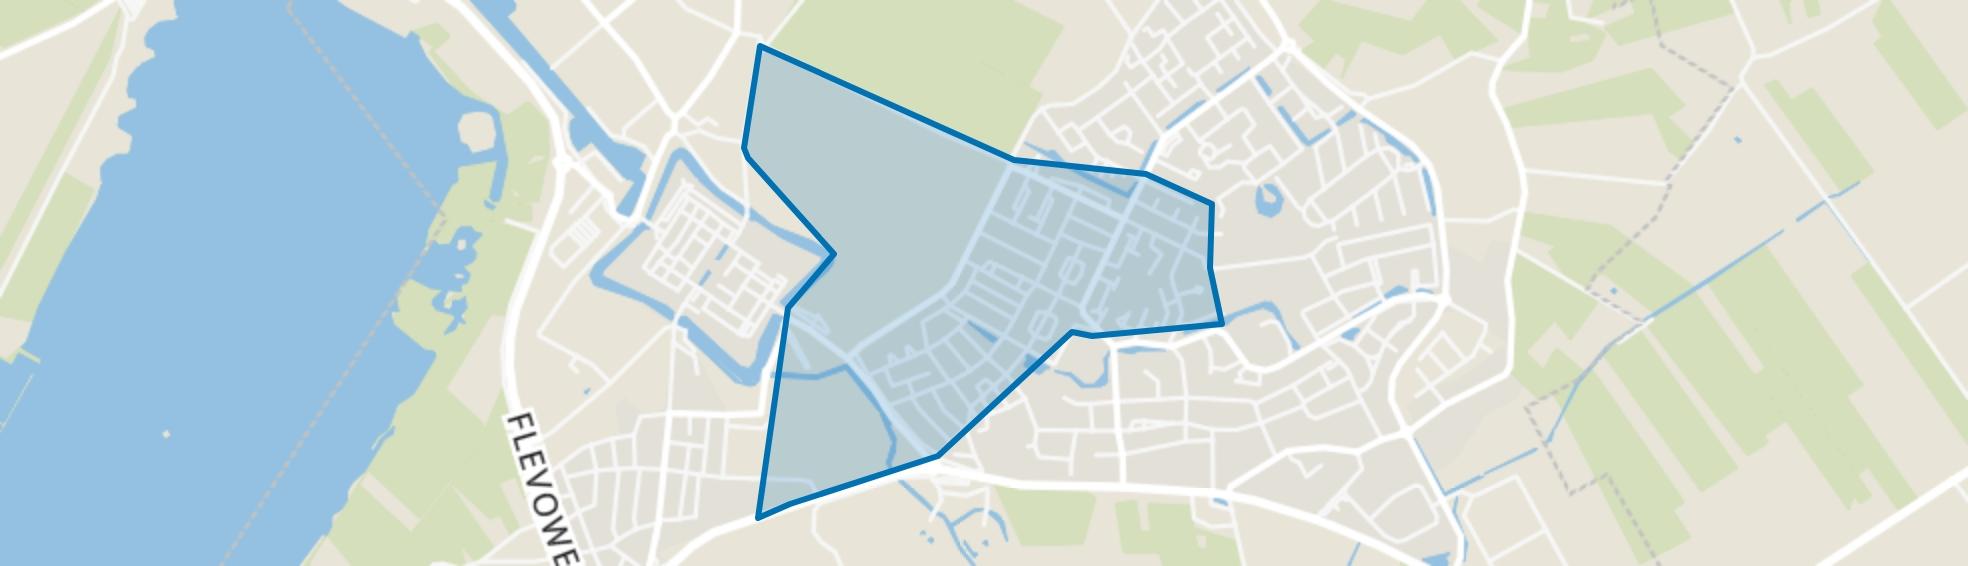 Elburg-Oosthoek, Elburg map